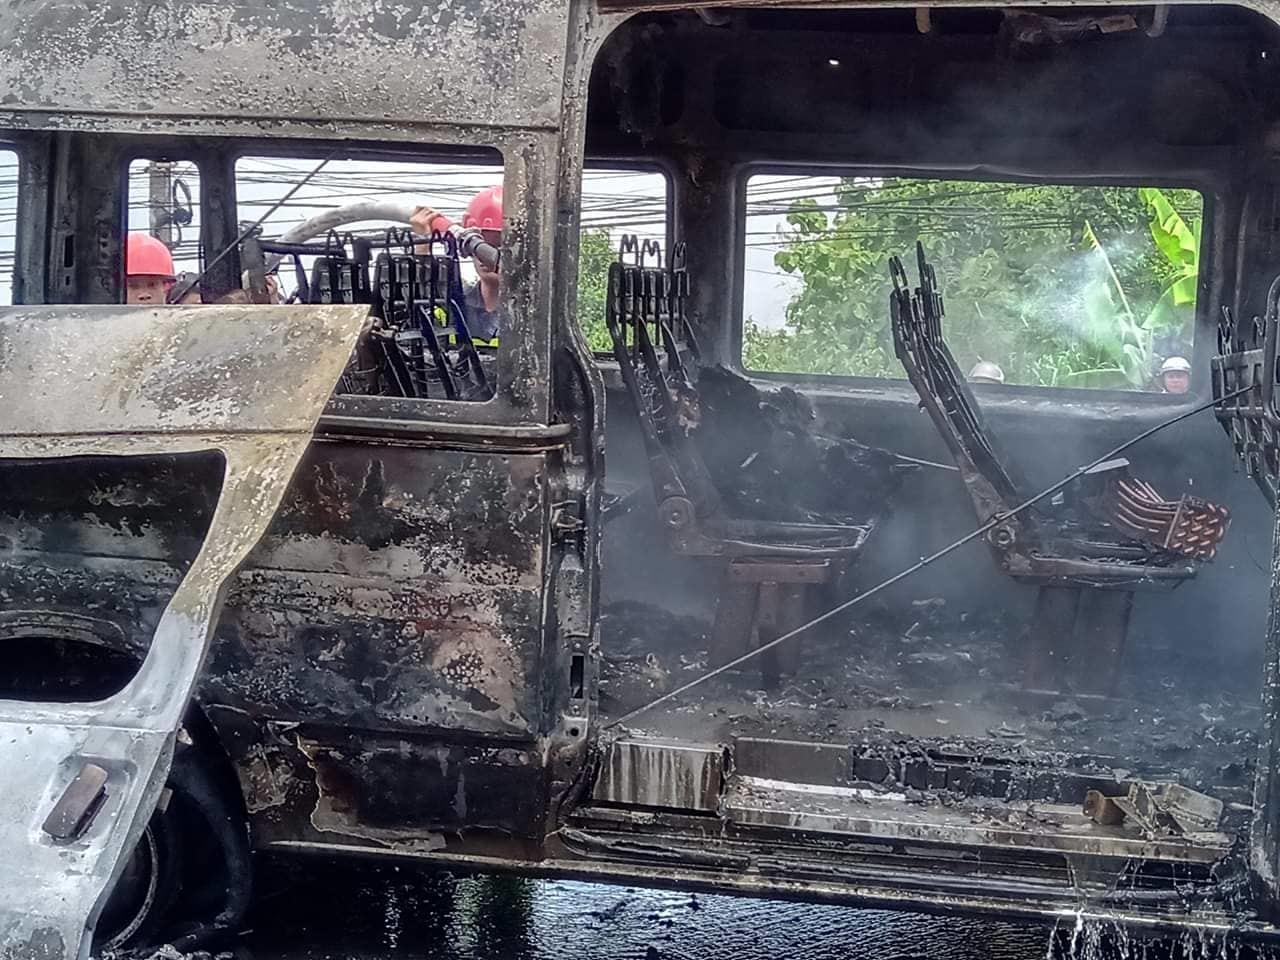 Xe khách cháy ngùn ngụt trên quốc lộ, thiếu niên 14 tuổi chết thảm